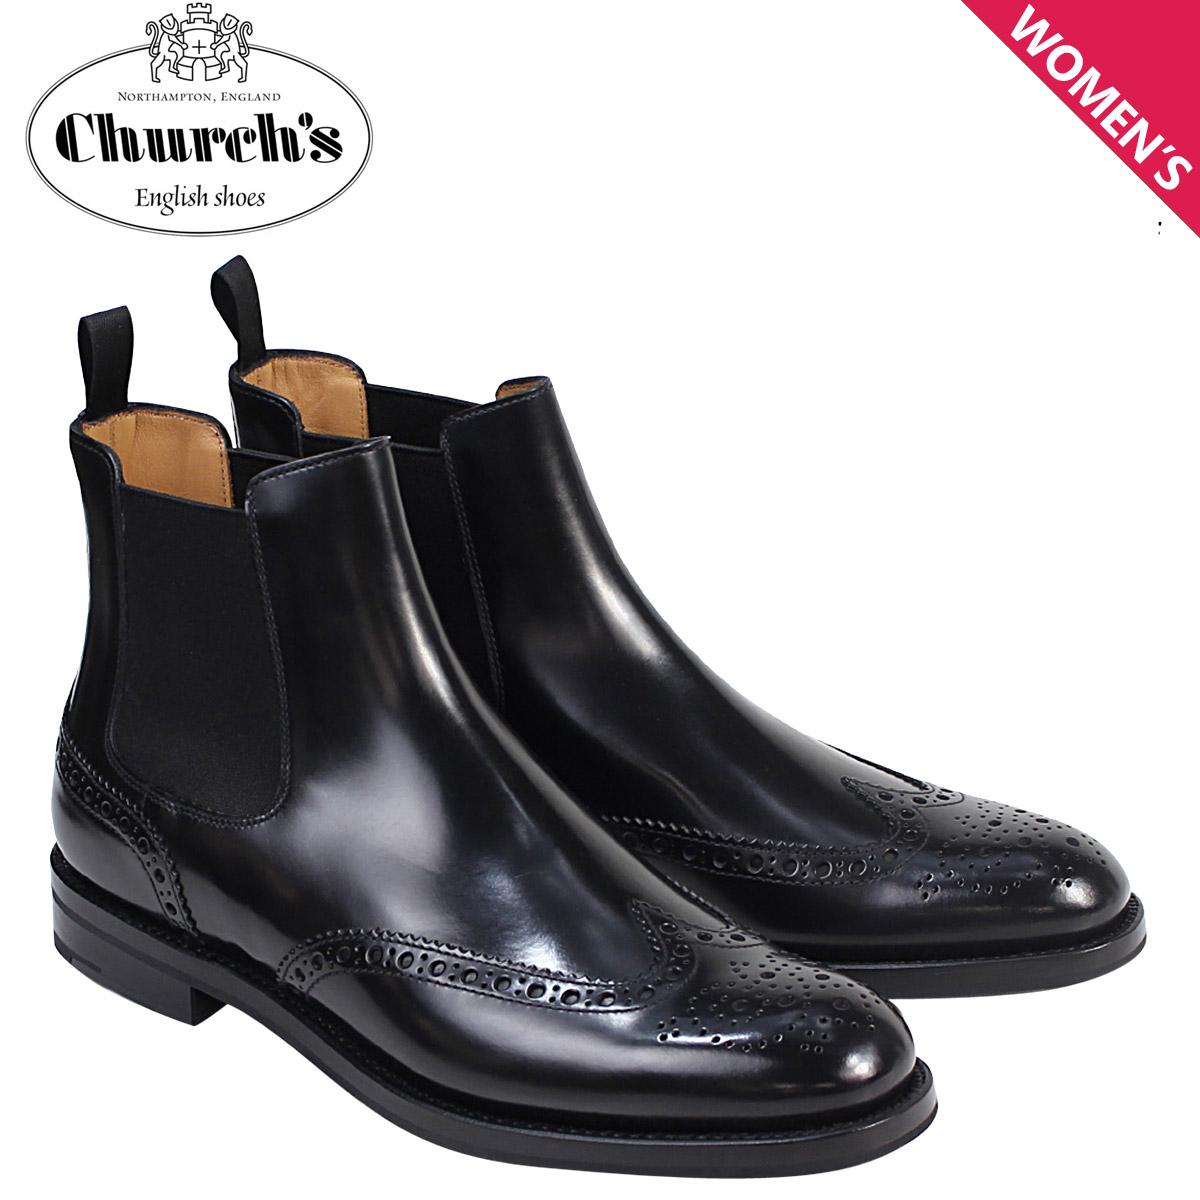 Churchs 靴 レディース チャーチ ブーツ サイドゴア ショートブーツ ウイングチップ Ketsby WG Polish Binder Calf 8706 DT0001 ブラック 黒